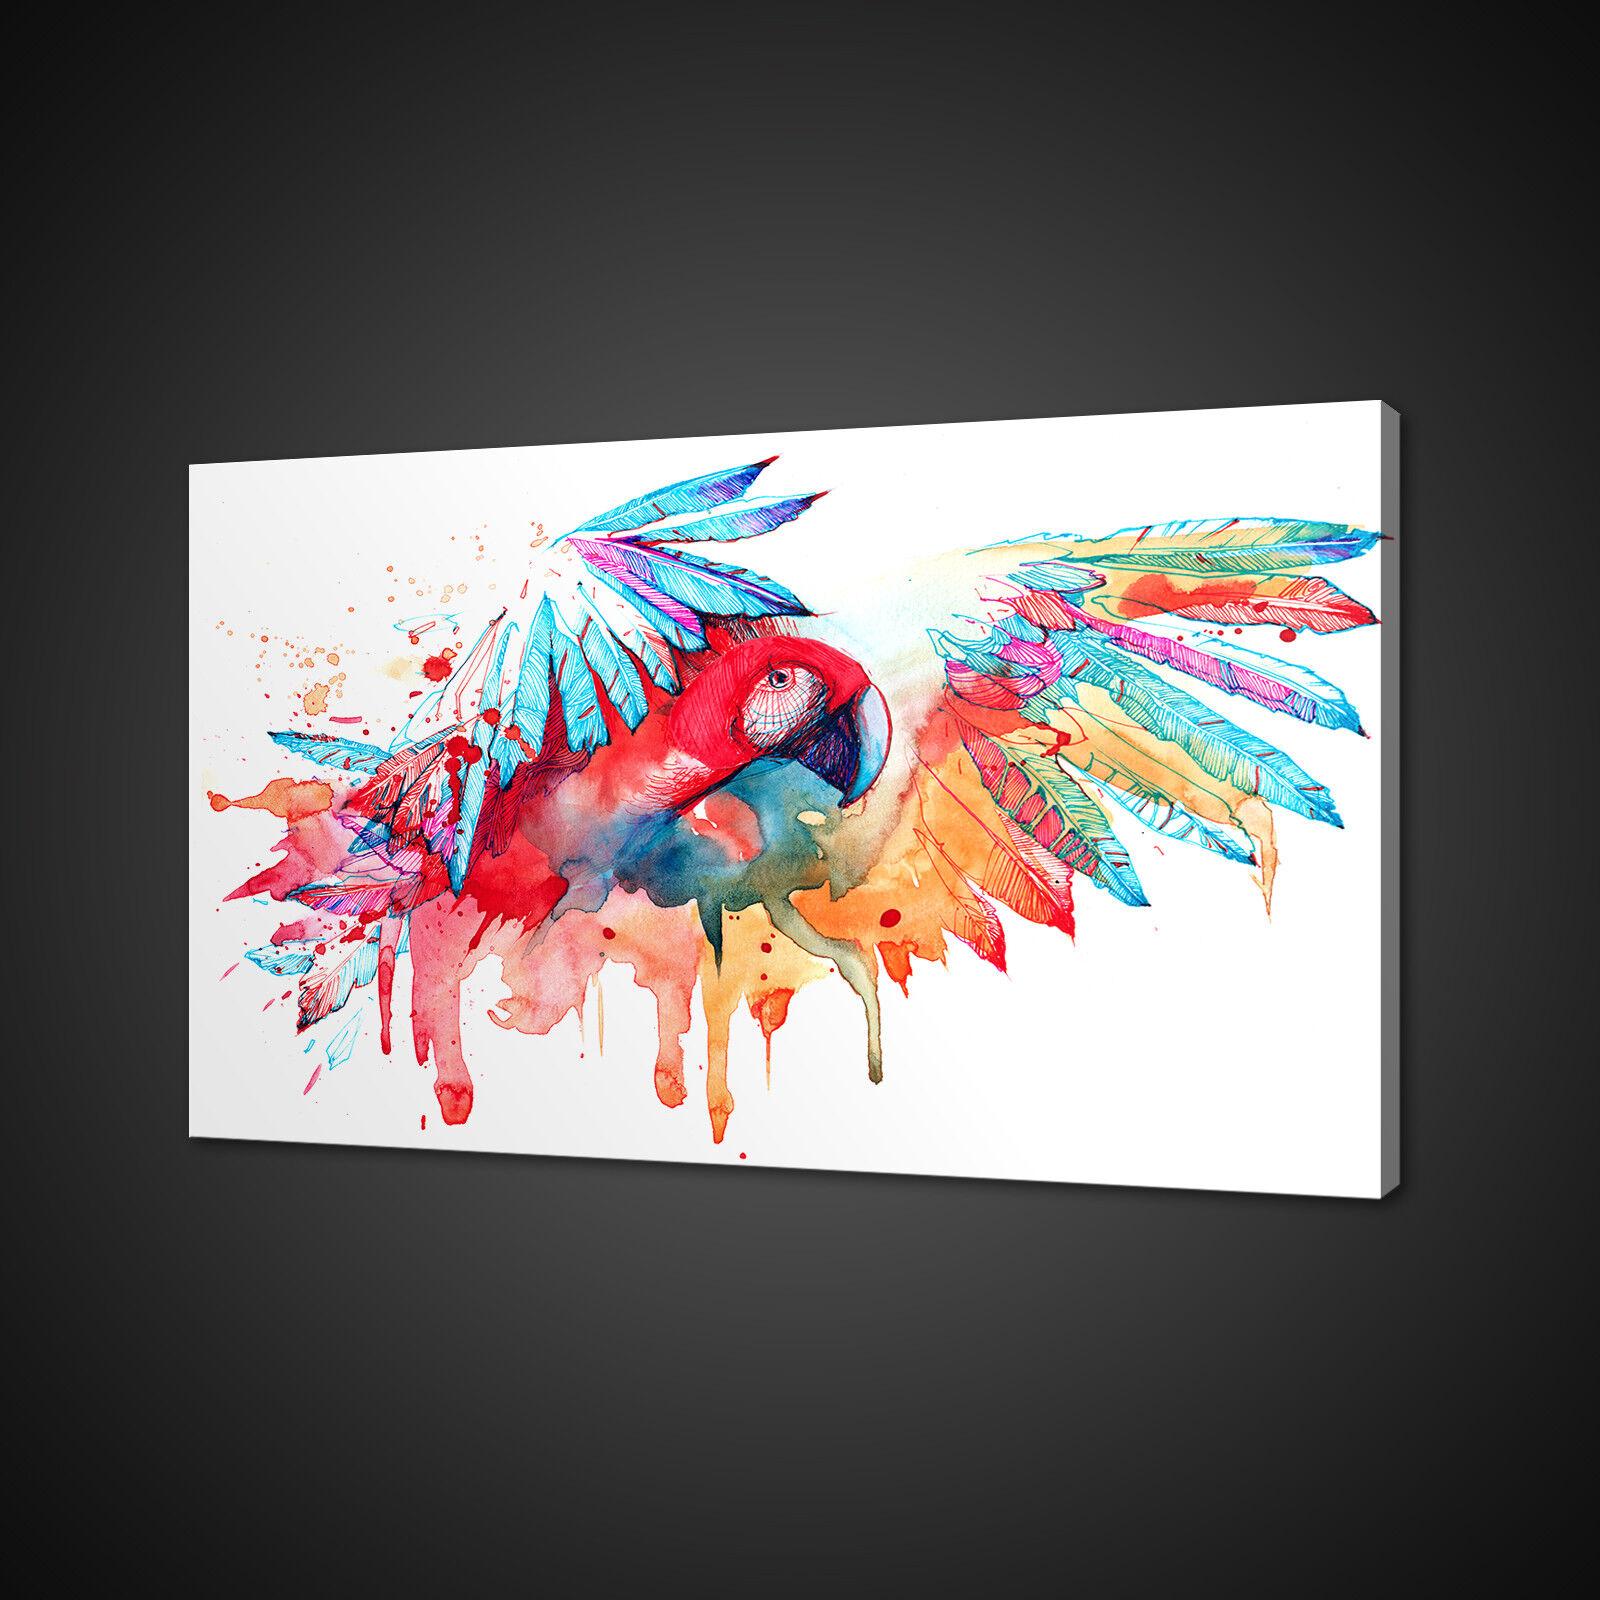 Dipinto ad Acquerello stile Pappagallo Coloreeato Tela Stampa Wall Art Picture Foto